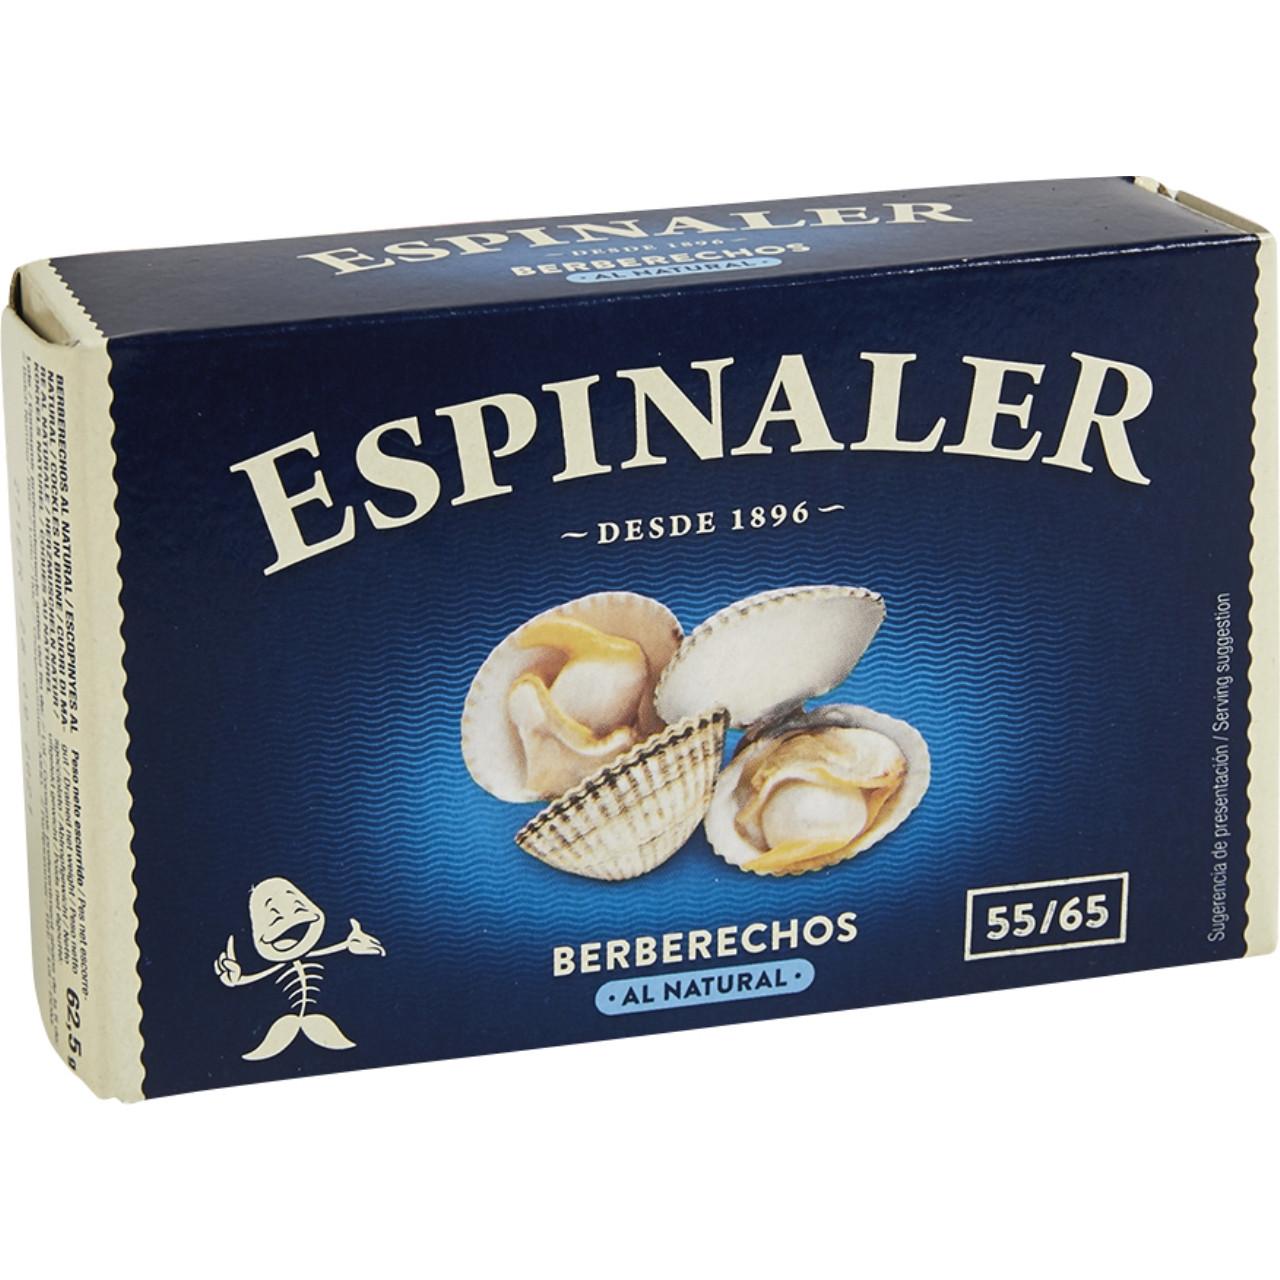 Espinaler-escopinyes ol120 55/65